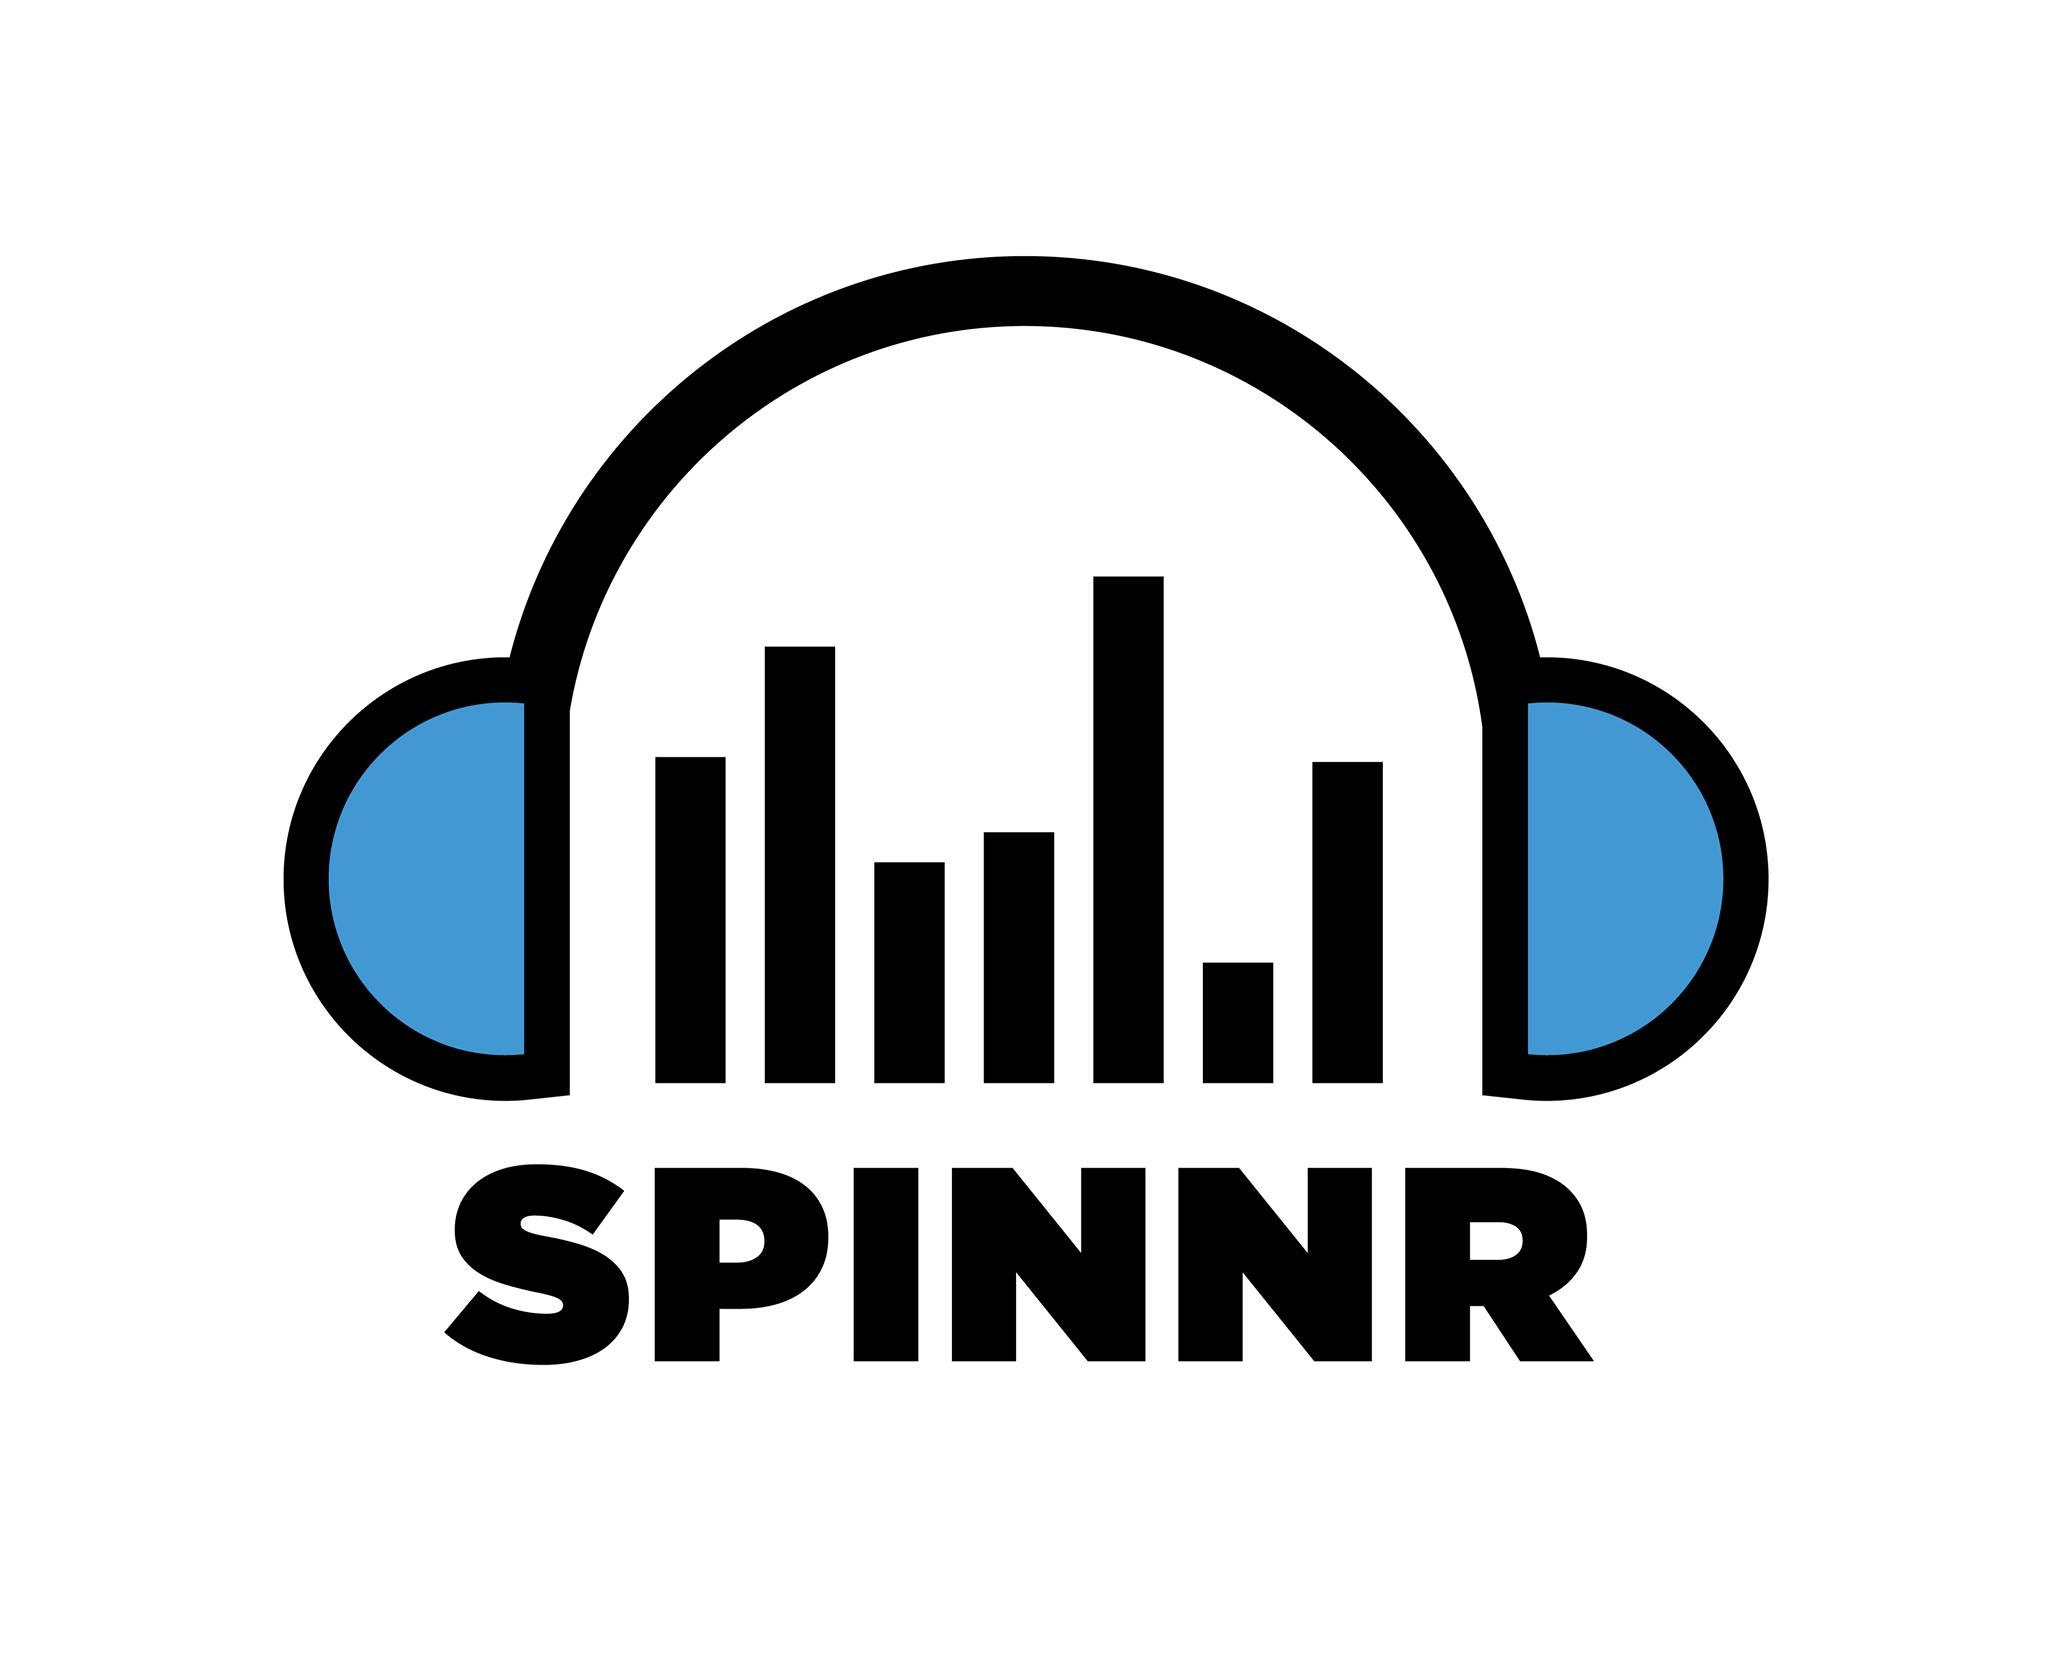 App Spinnr